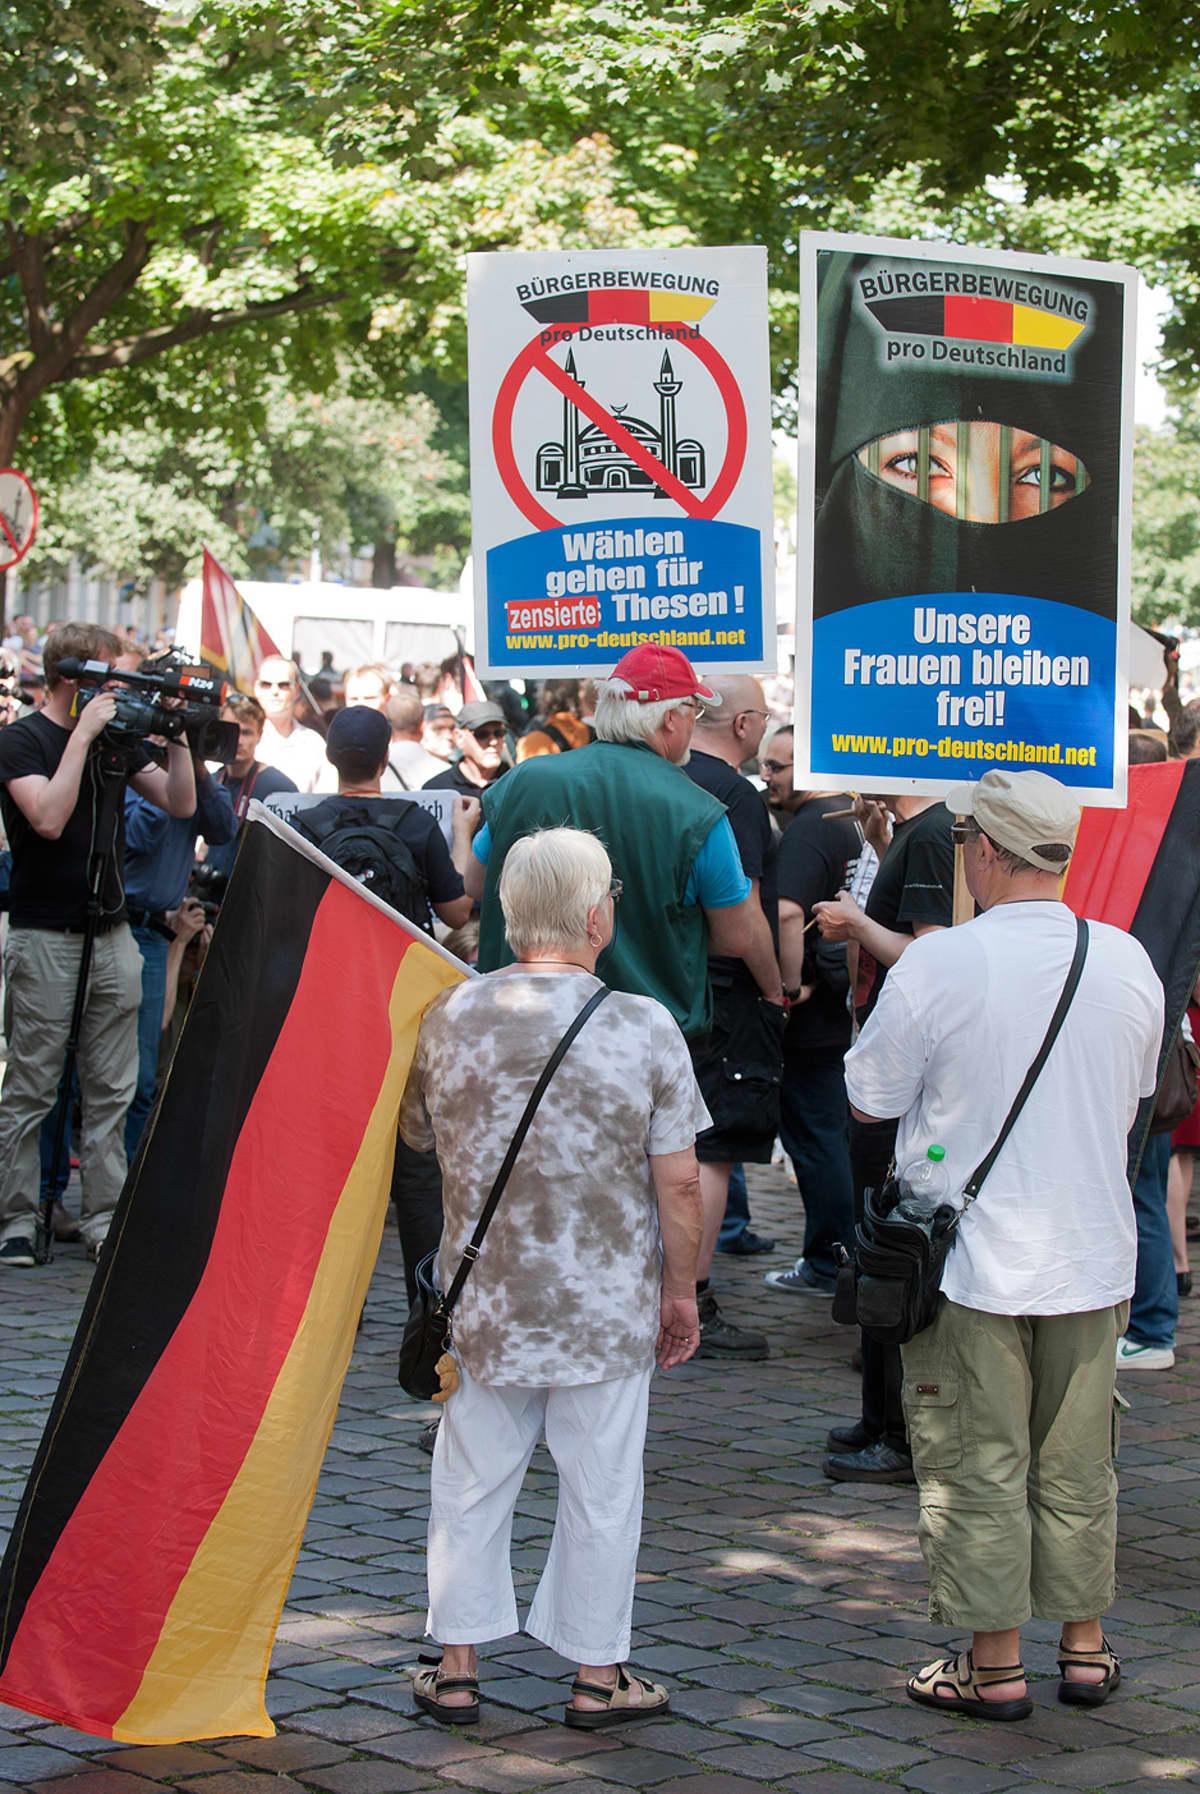 Pro Deutschland -ryhmän jäsenet osoittavat mieltään berliiniläisen moskeijan edessä.